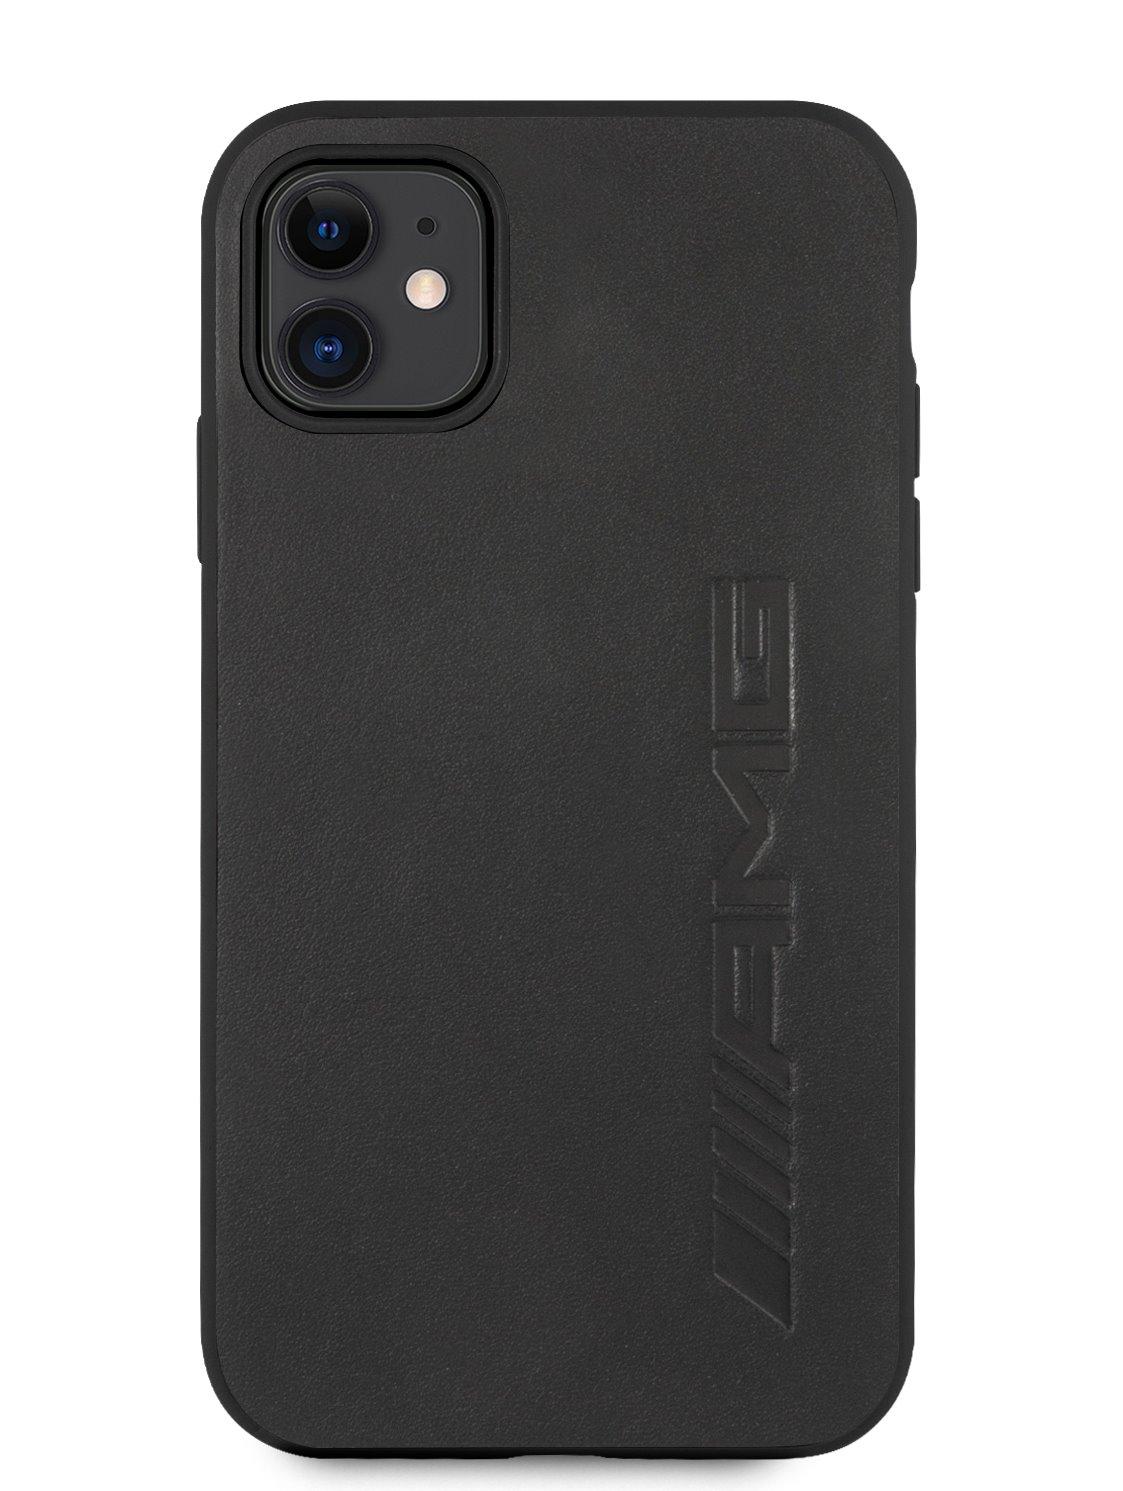 AMHCN61DOLBK AMG Leather Big Stamped Logo Zadní Kryt pro iPhone 11 Black 3666339016258